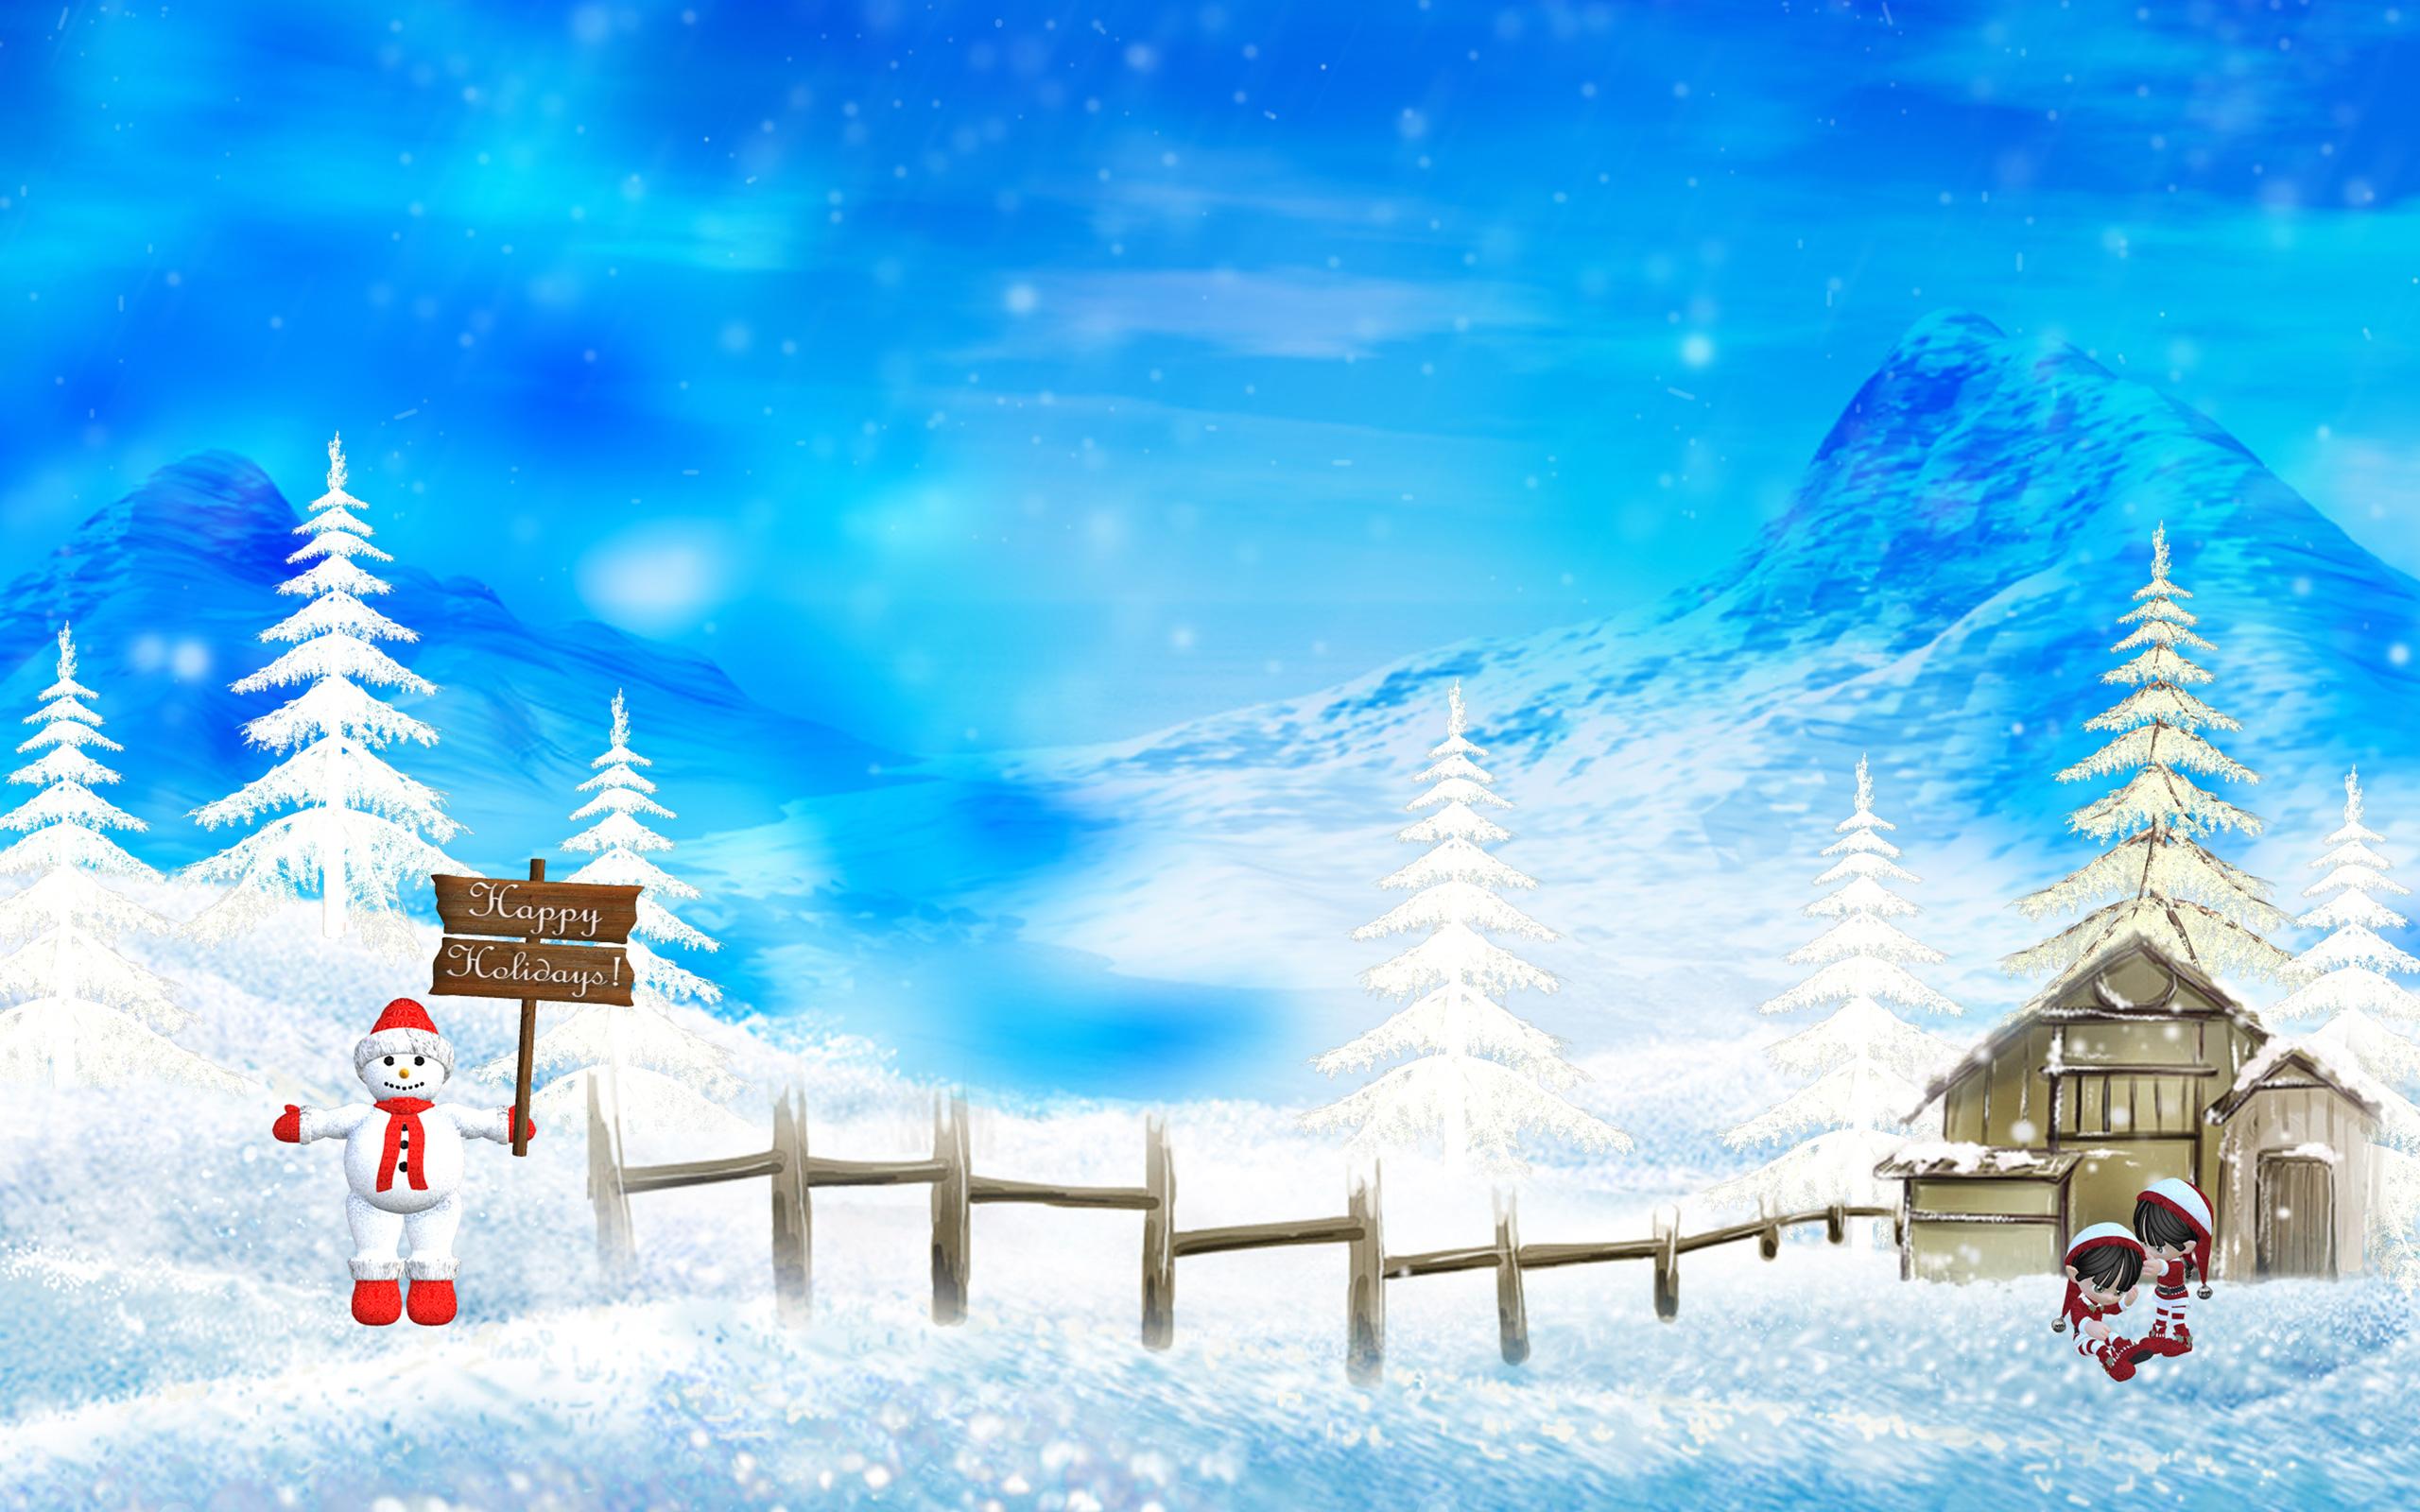 Christmas Wallpaper: christmas scene wallpaper